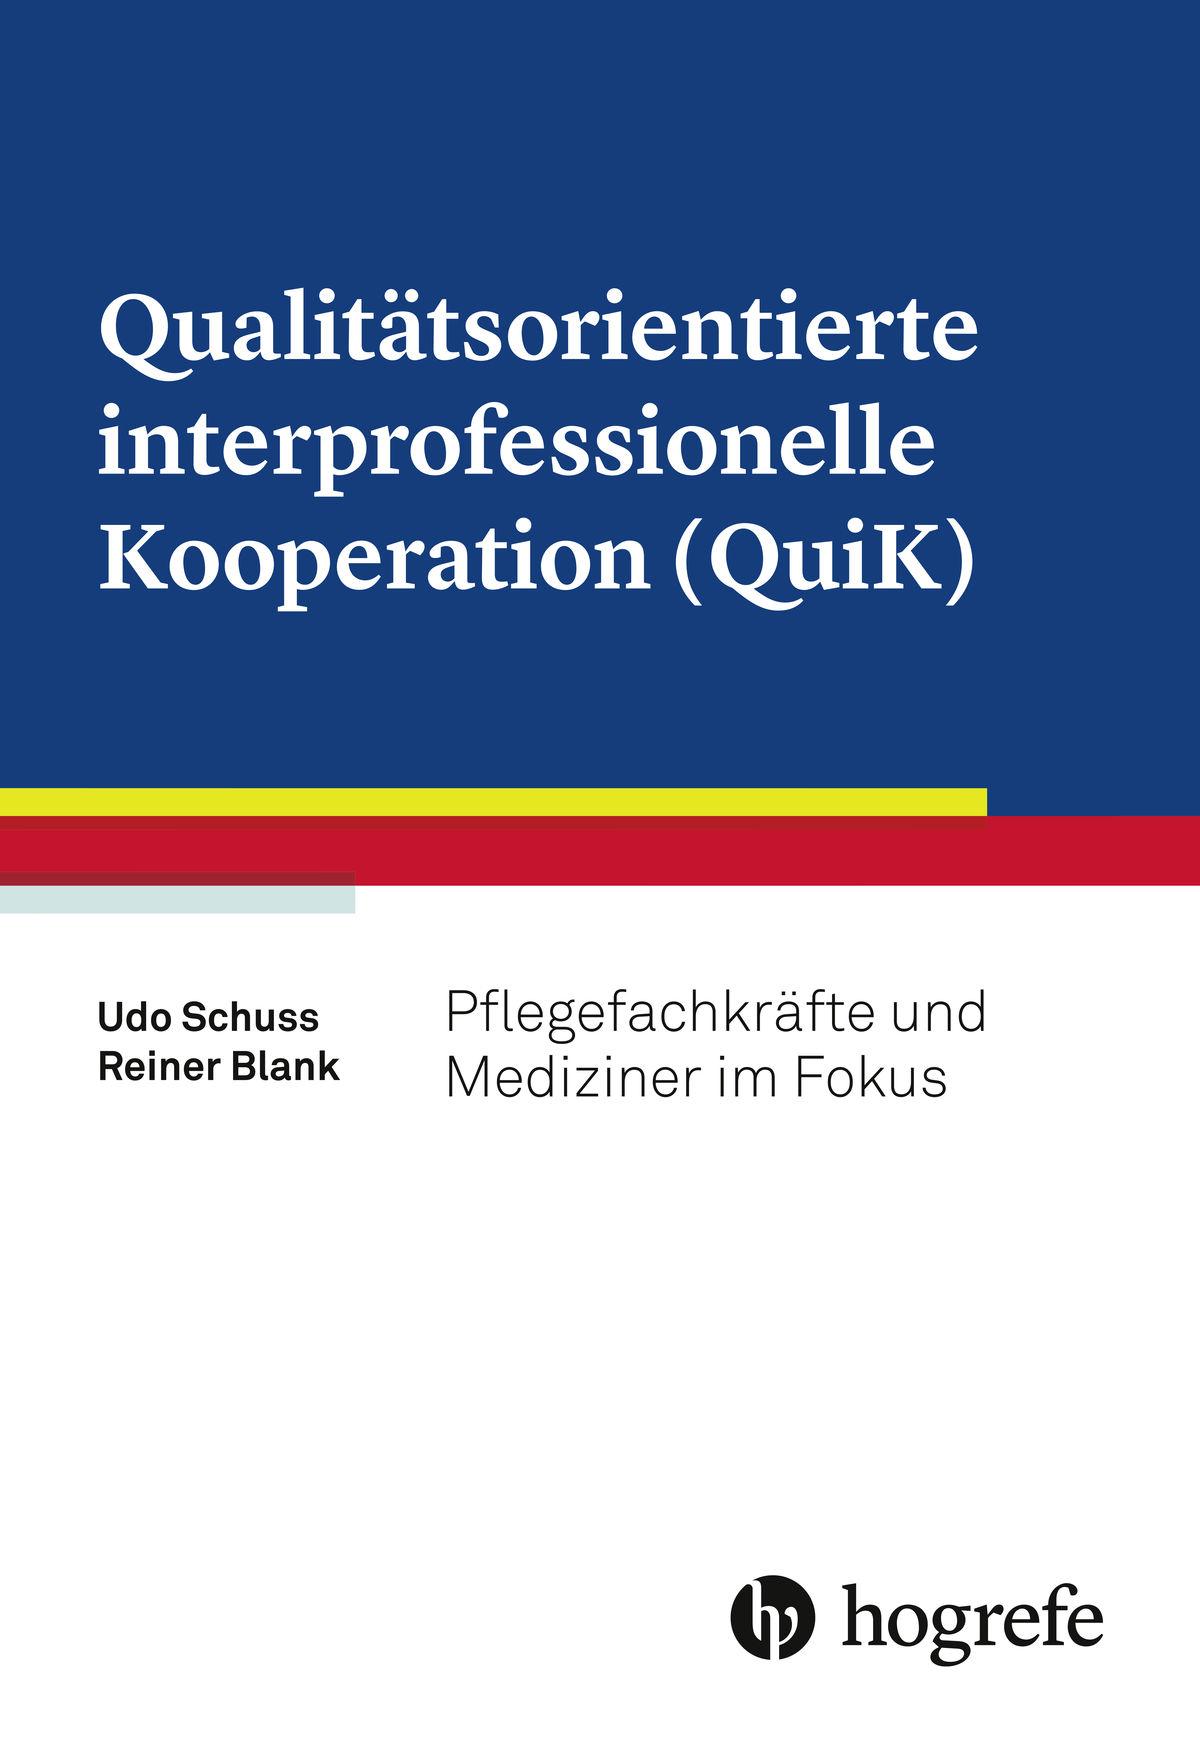 Qualitätsorientierte interprofessionelle Kooperation (QuiK)